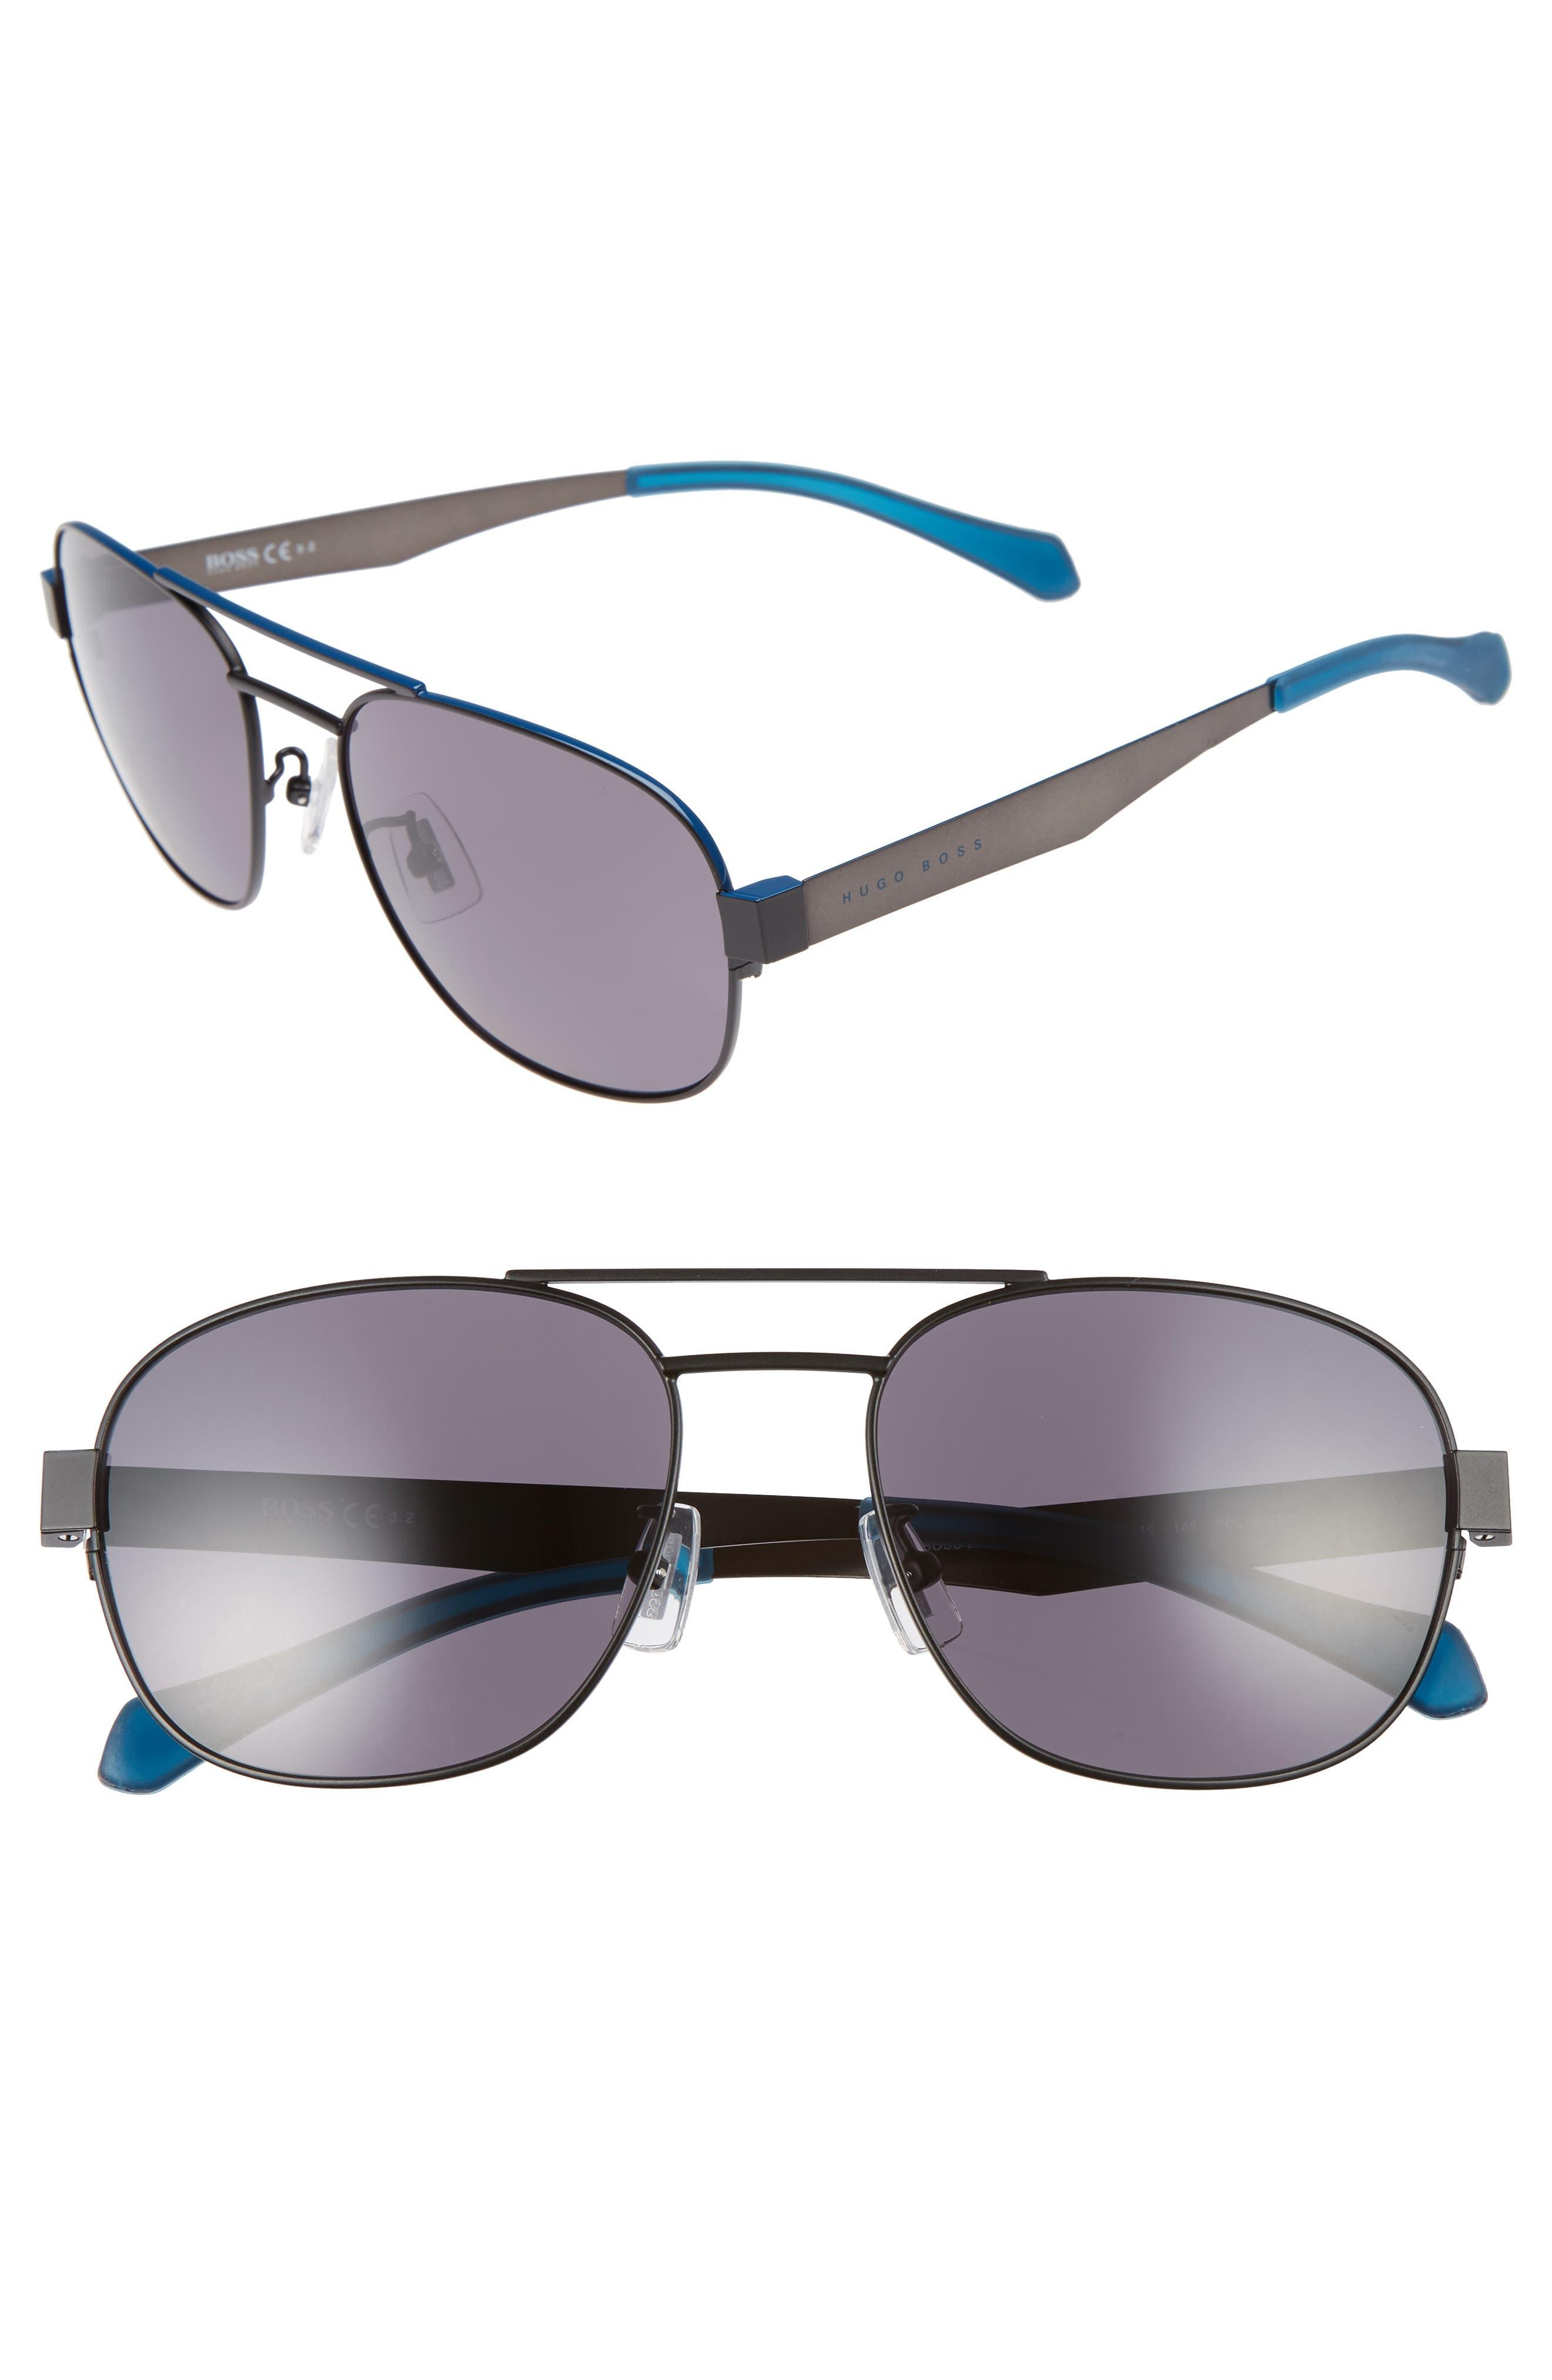 58mm Polarized Navigator Sunglasses,                             Main thumbnail 1, color,                             Matte Blue/ Smoke